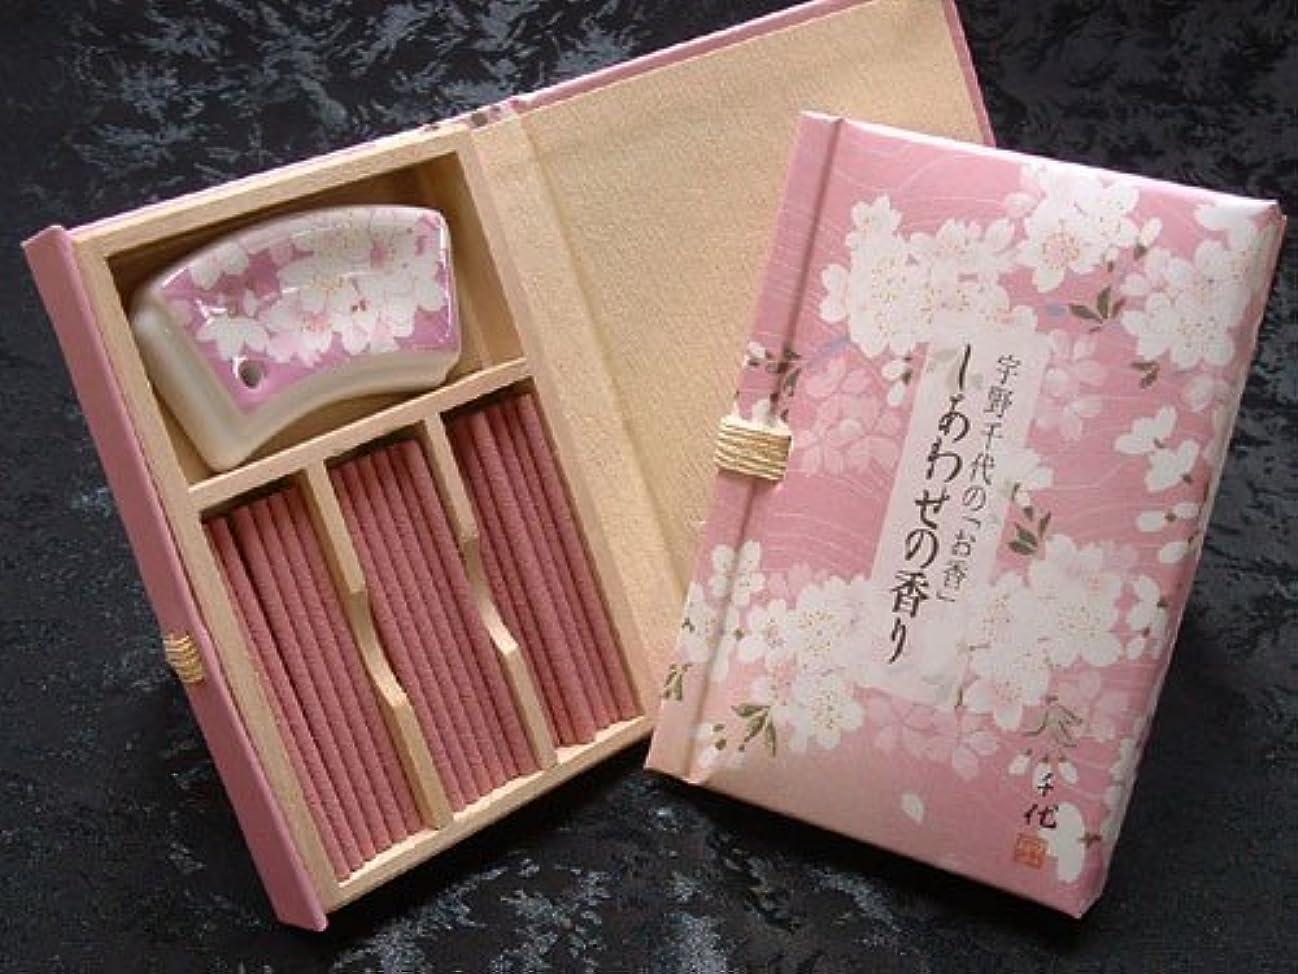 シャッフル磁石モバイル日本香堂のお香 宇野千代 しあわせの香り 文庫型 スティック36本入り